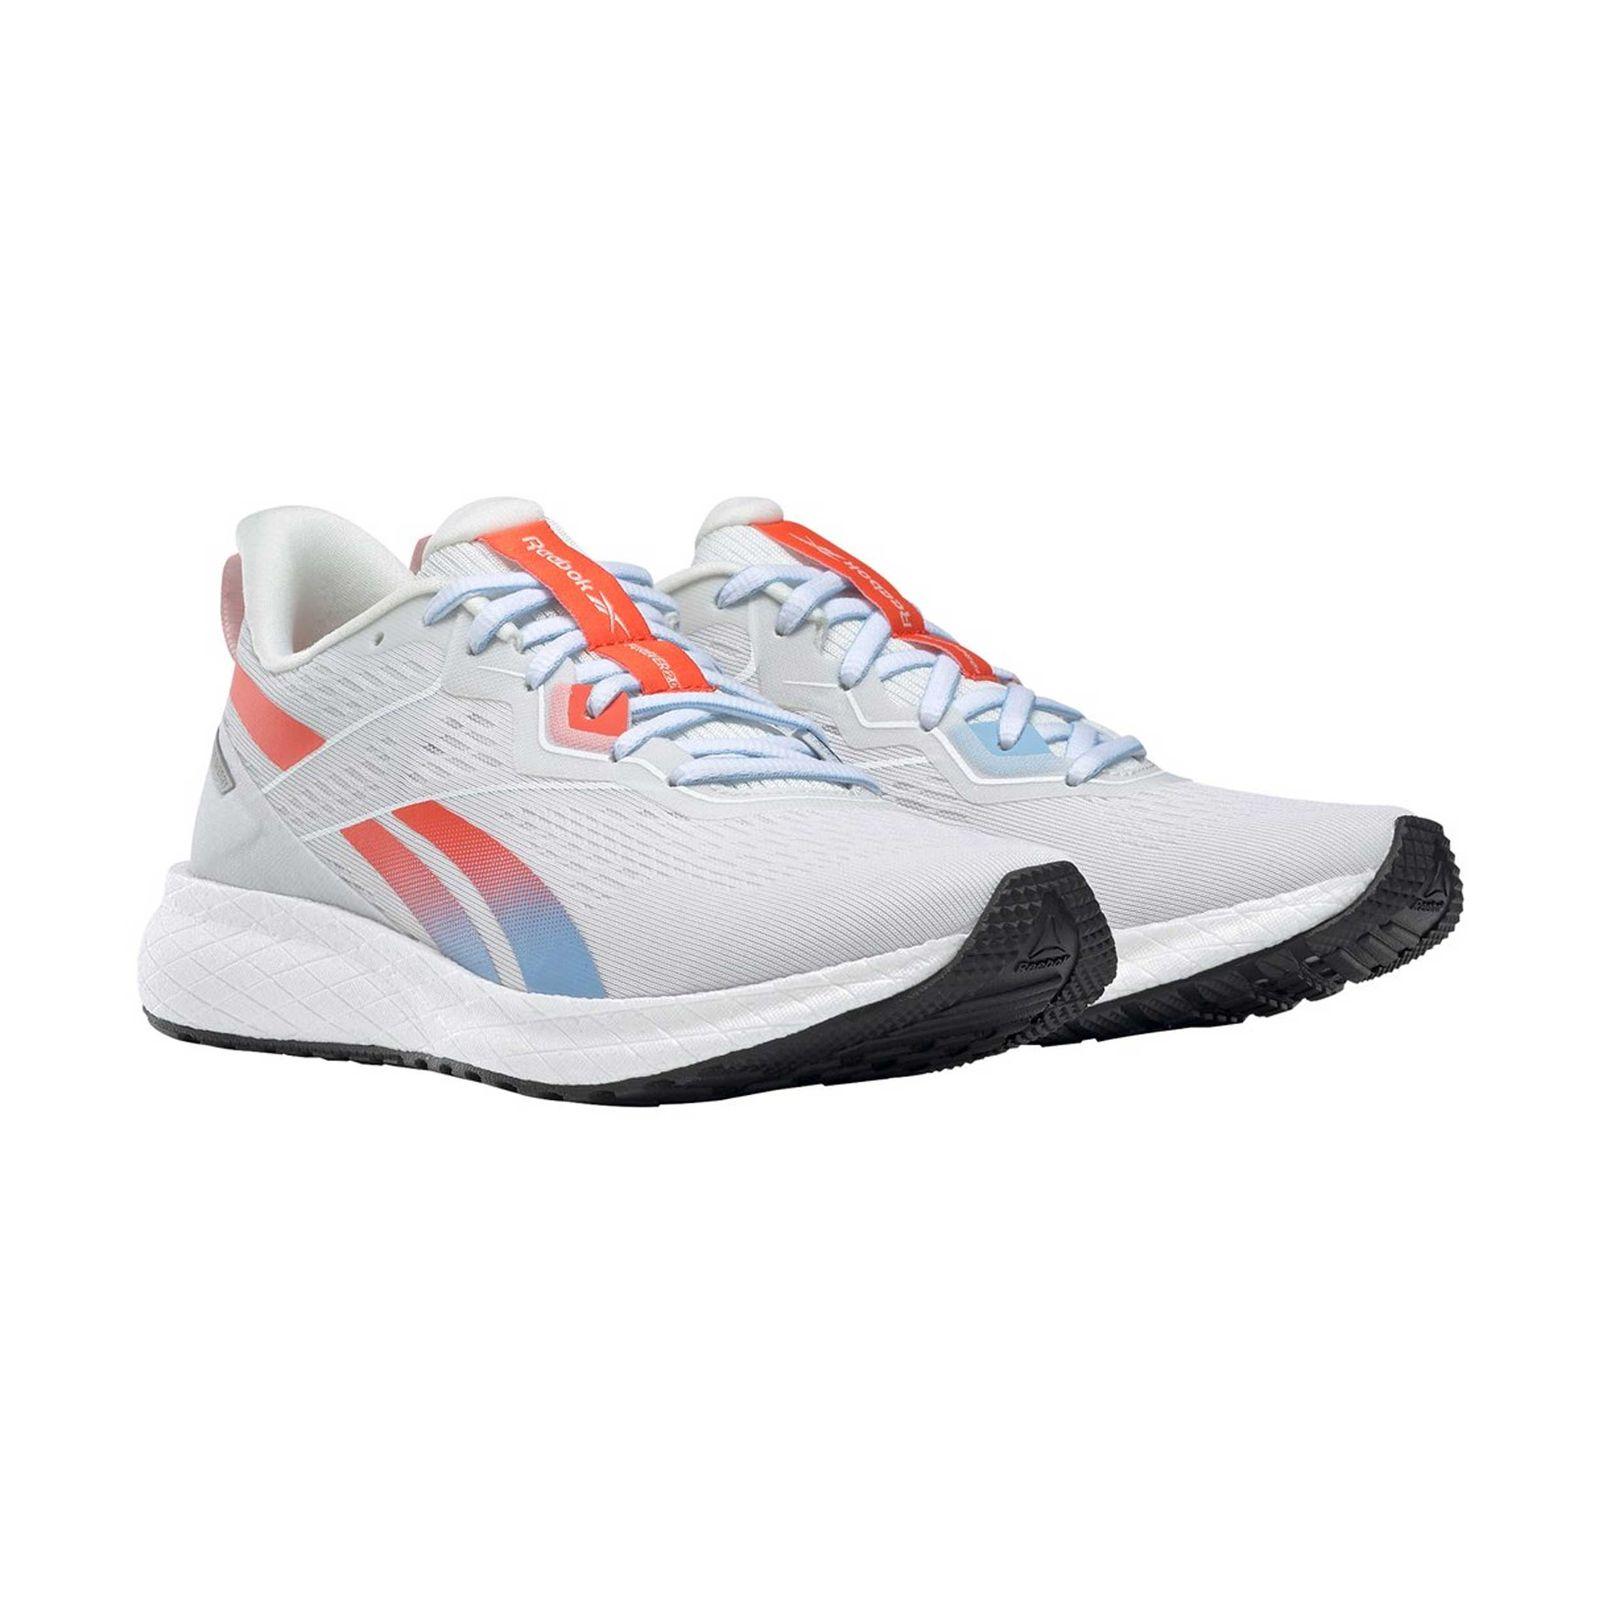 کفش مخصوص دویدن زنانه ریباک مدل EF6909  -  - 6